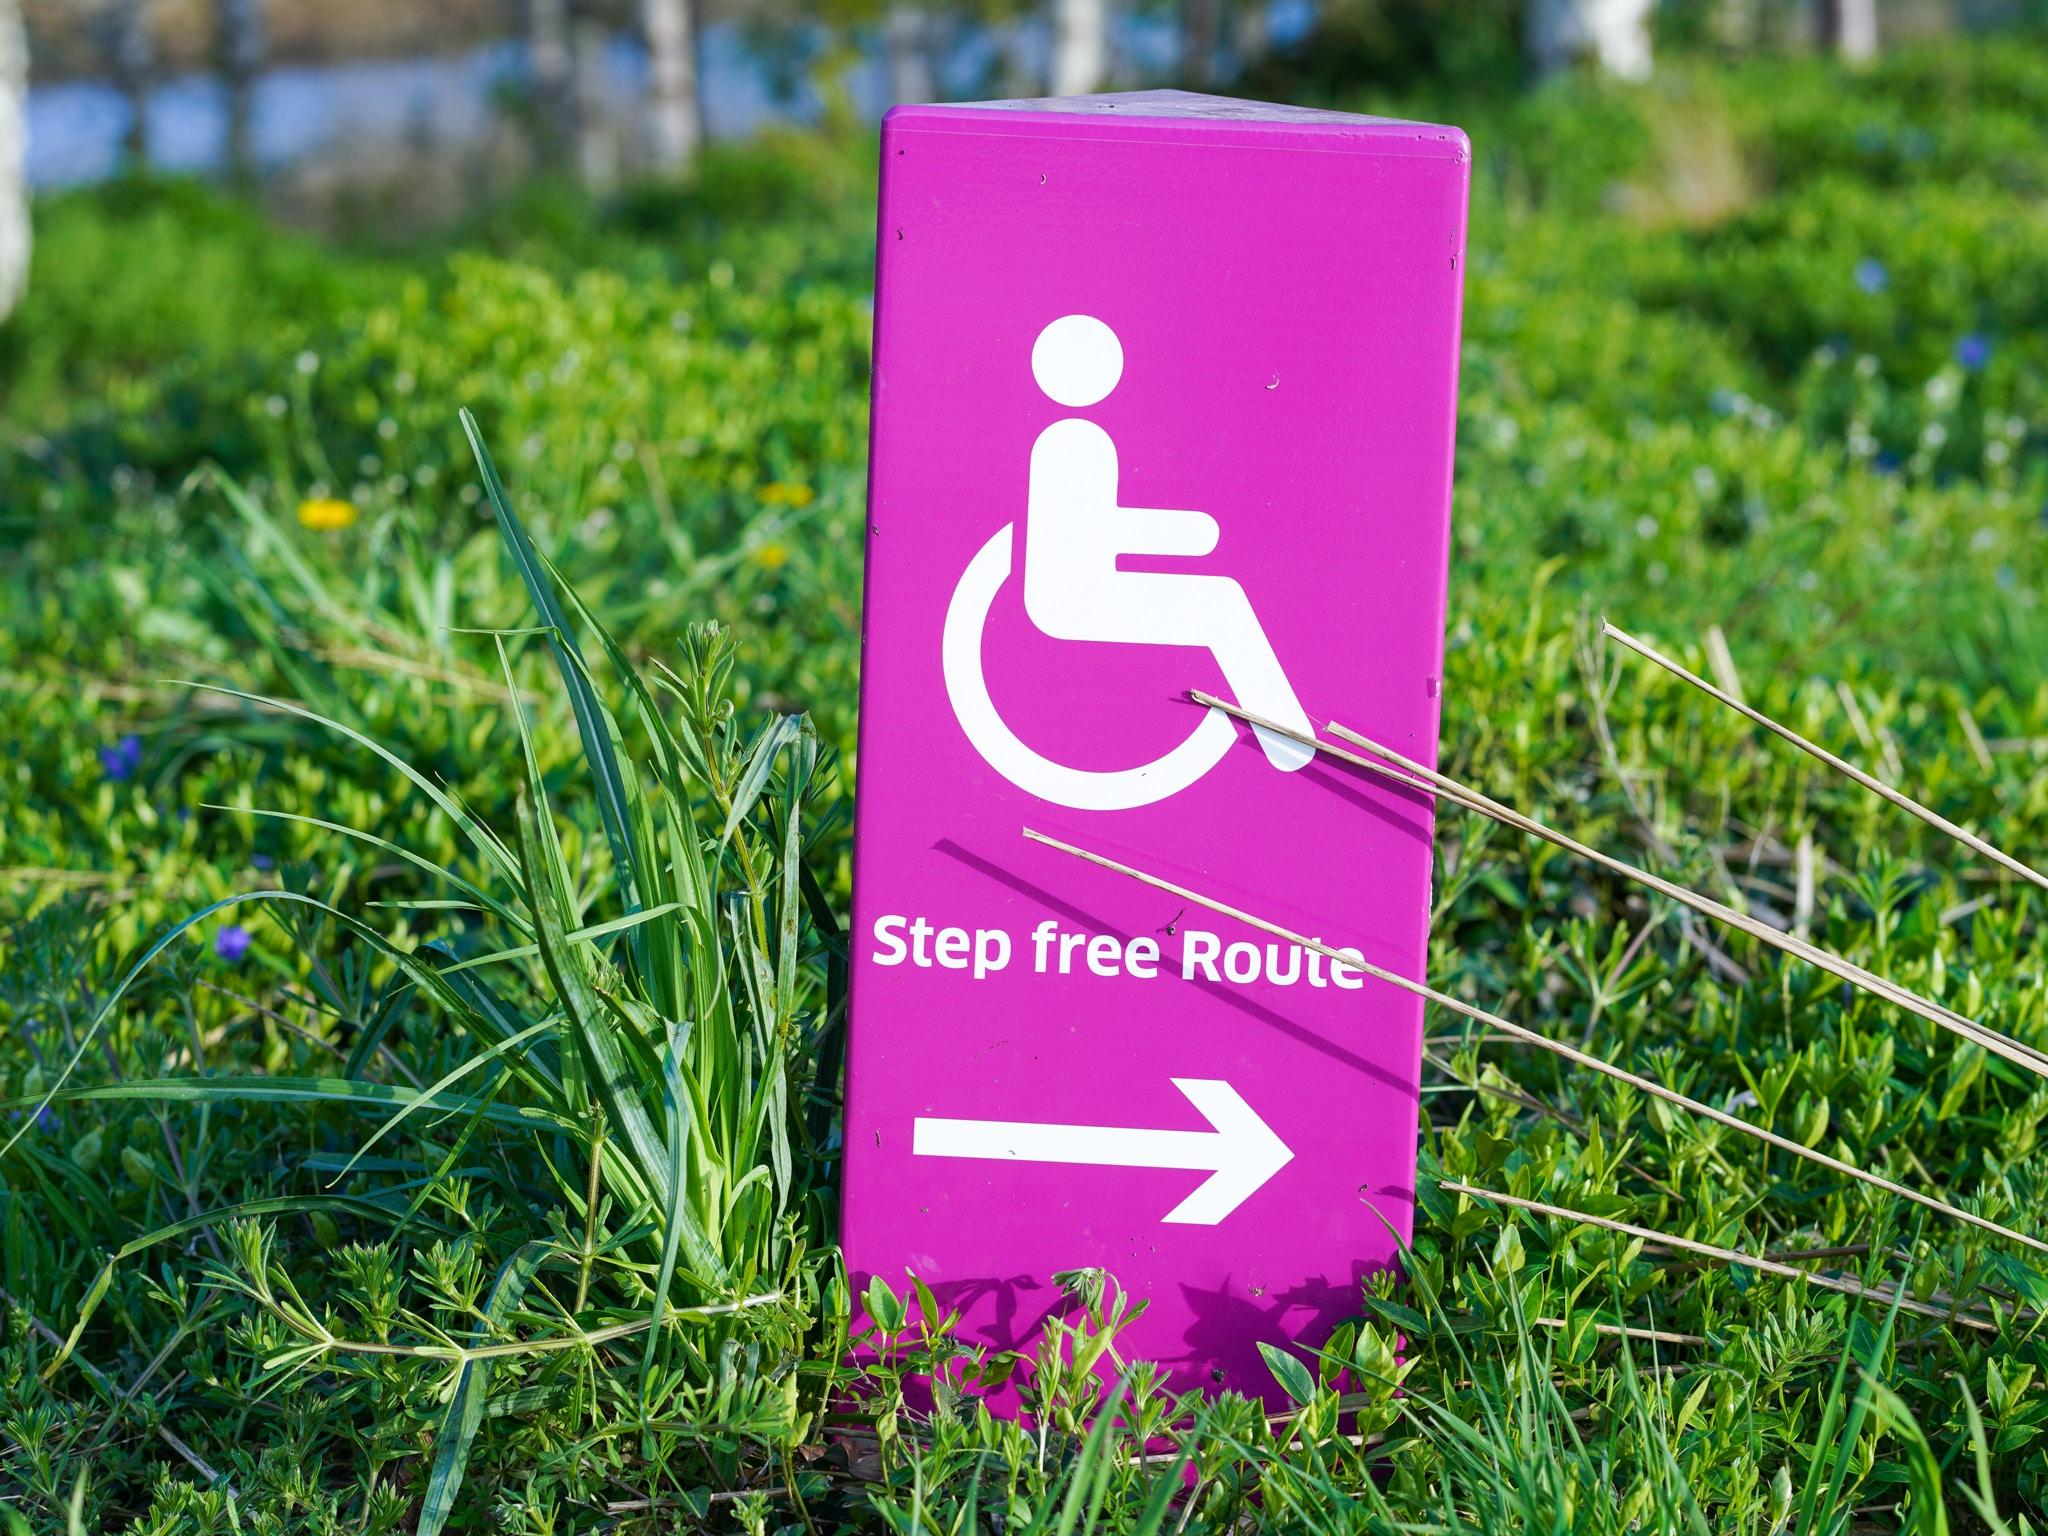 comment obtenir une carte d invalidité La carte d'invalidité ⋆ Partnaire, votre agence d'intérim, CDD, CDI